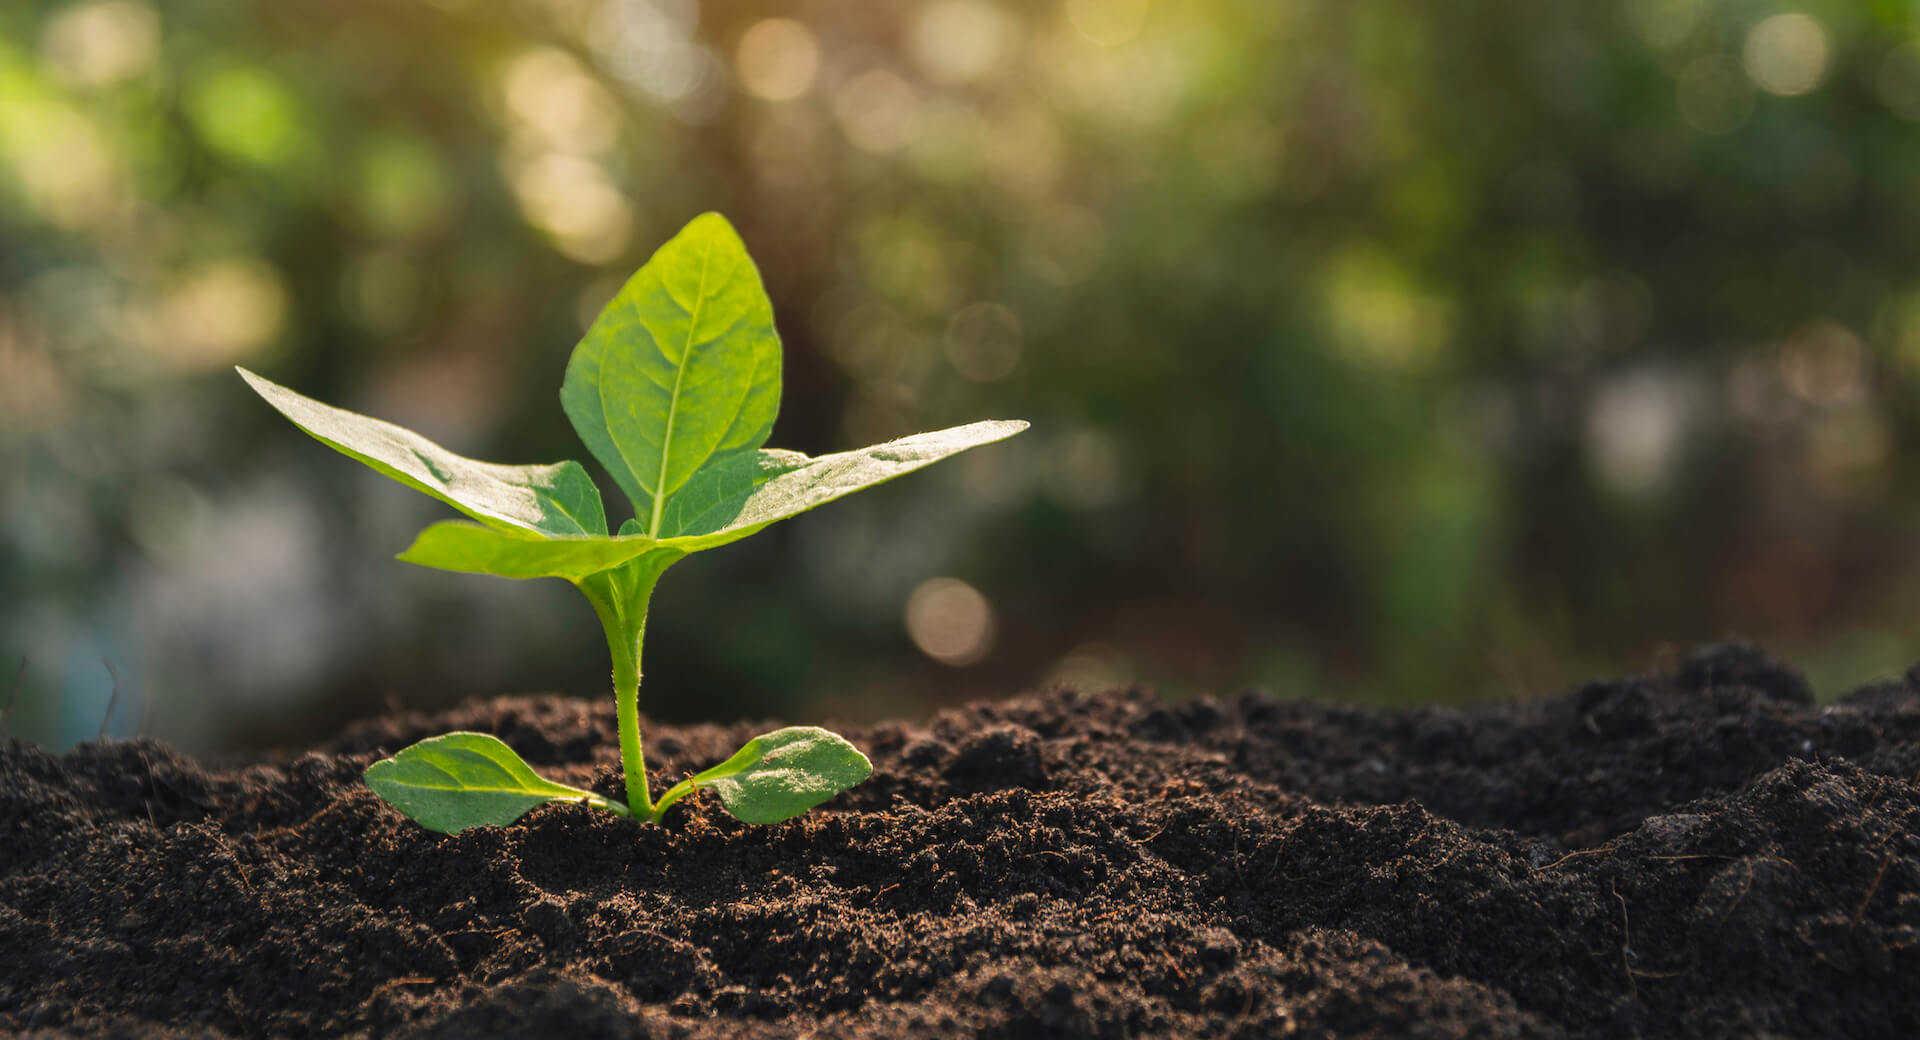 Seedling growing in soil